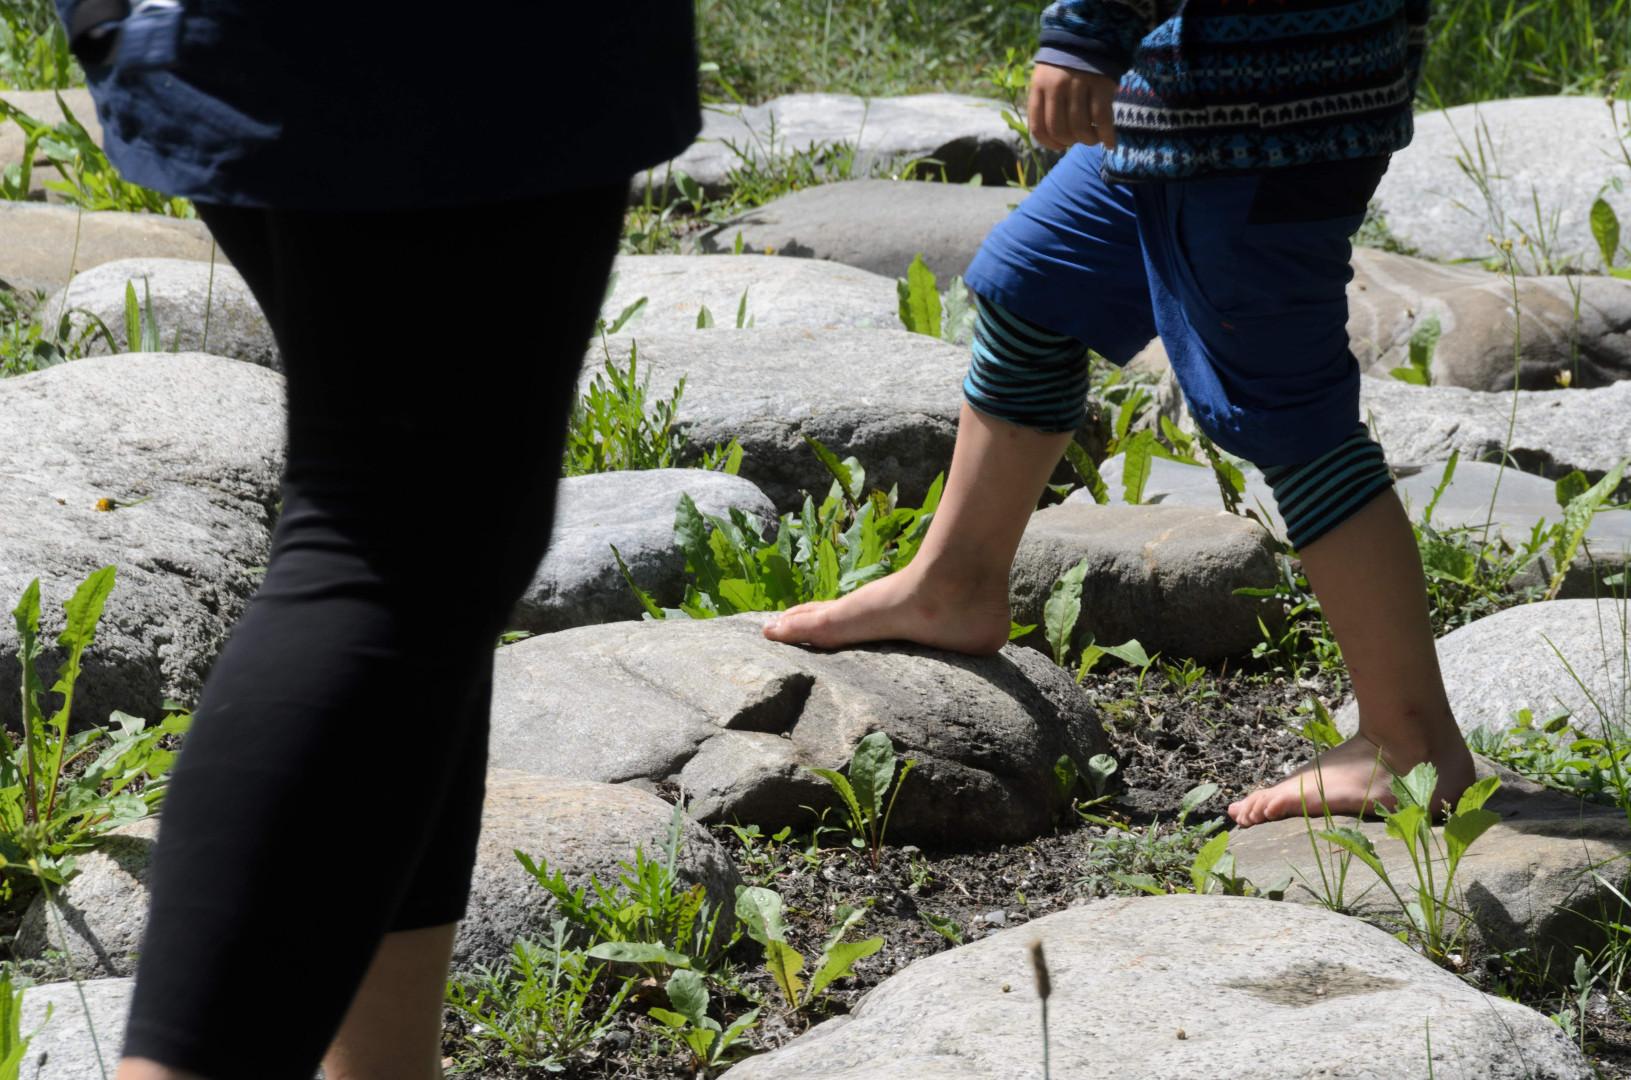 Dieťa a dospelý naboso na veľkých kameňoch v prírode